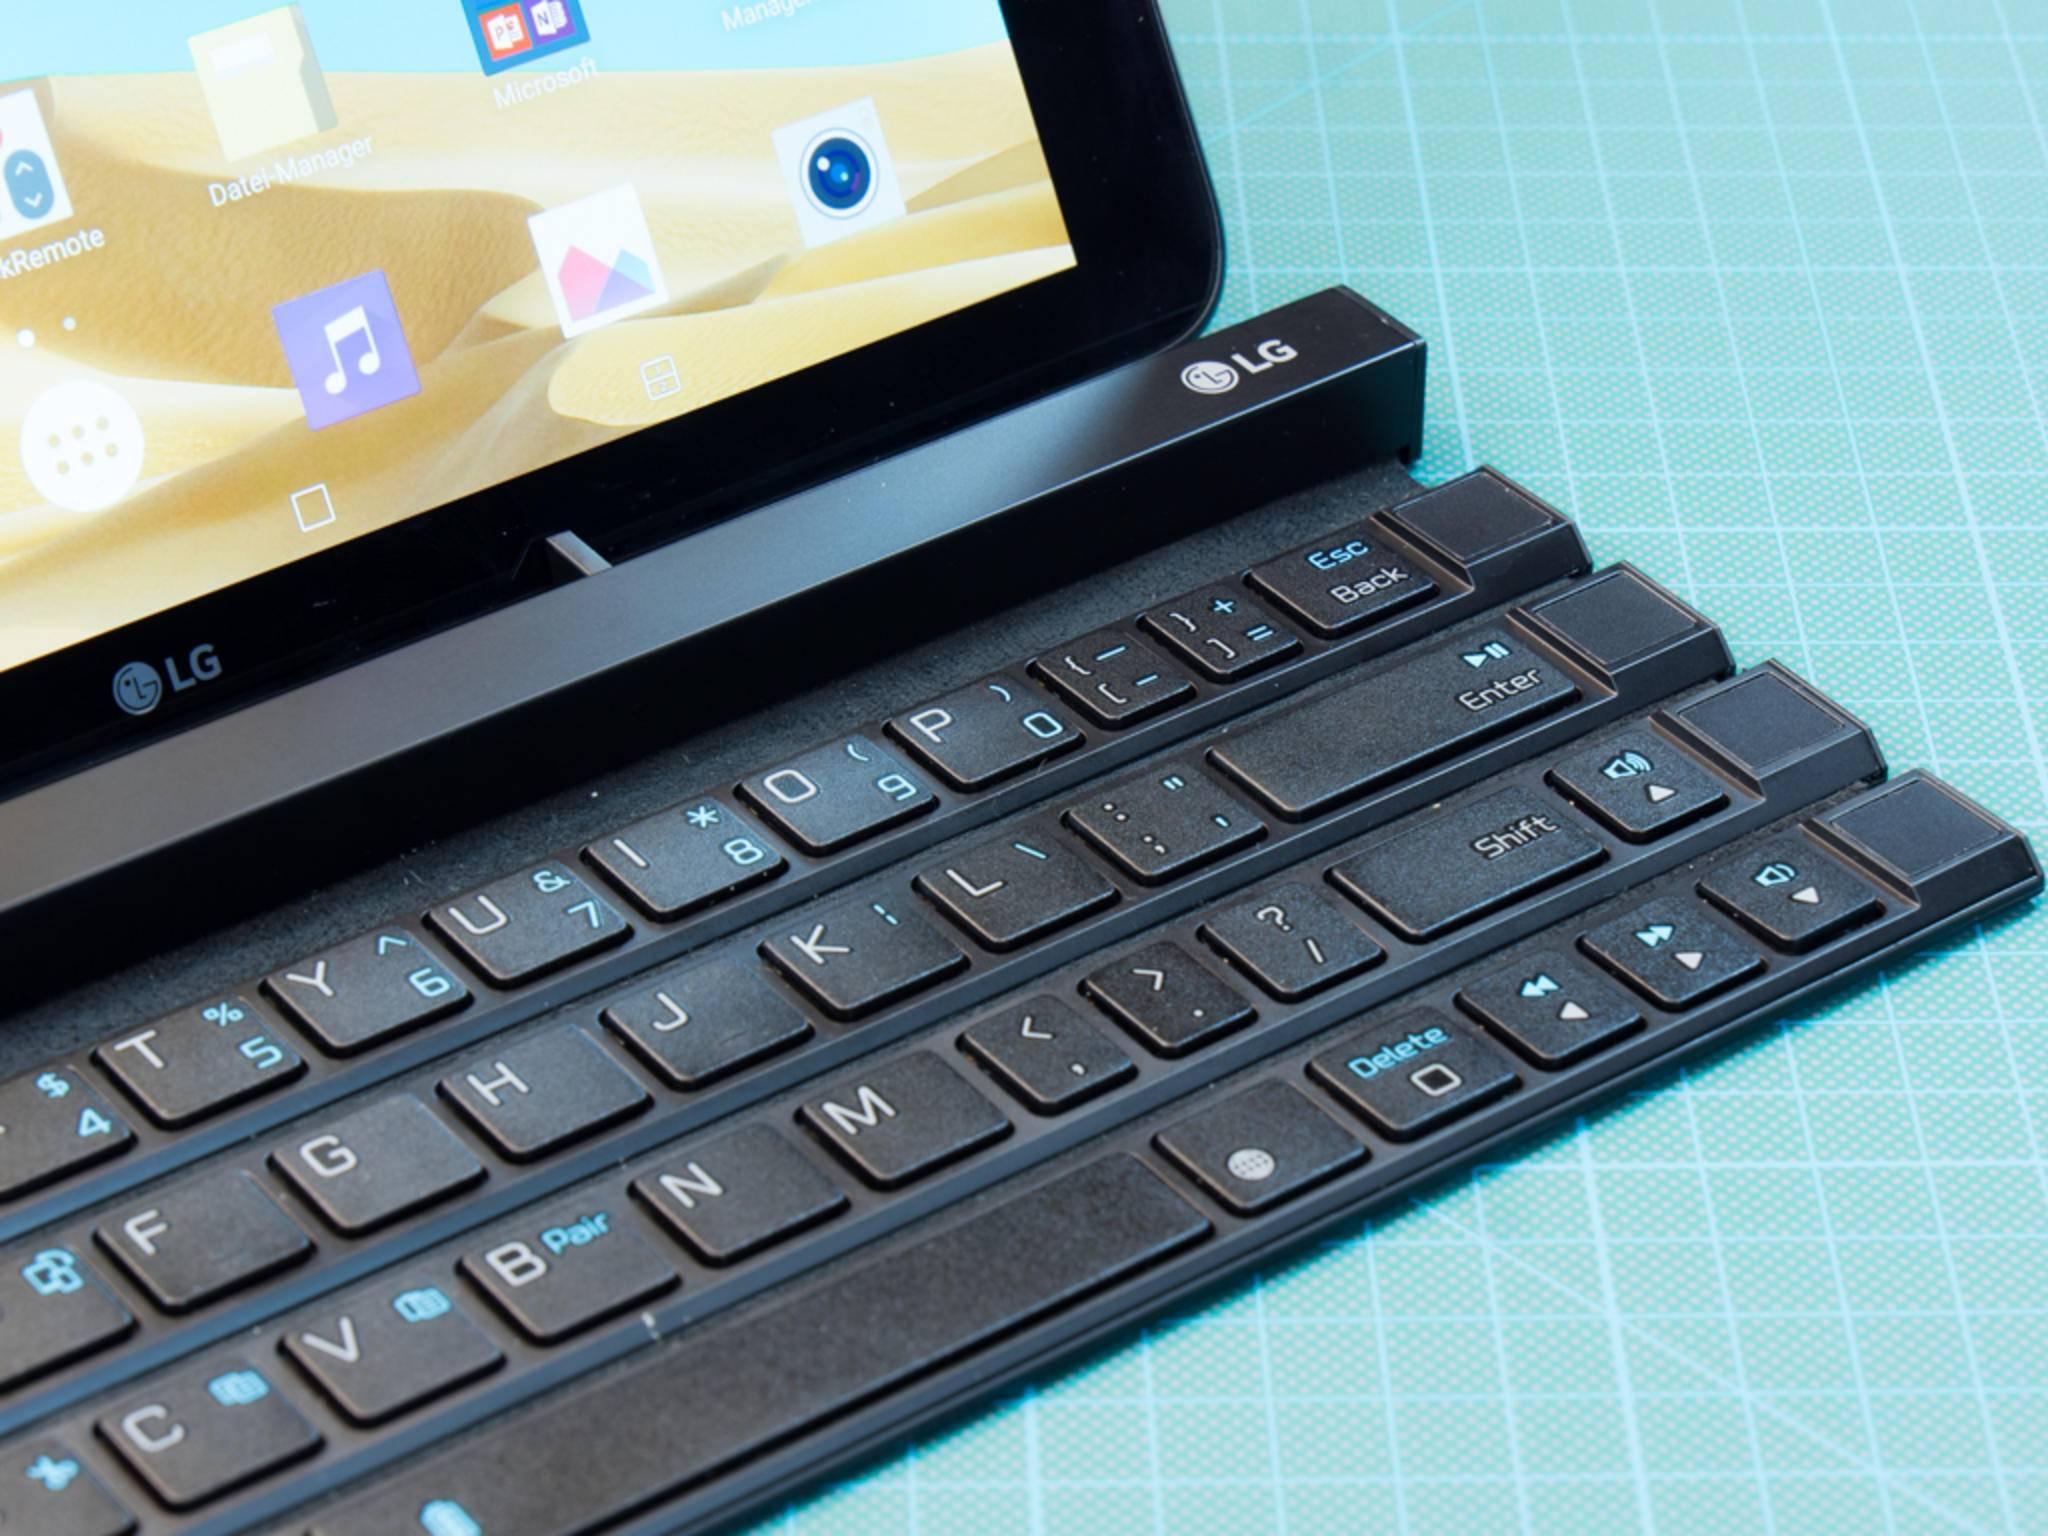 Das LG Rolly Keyboard muss sich in unserem Test beweisen.